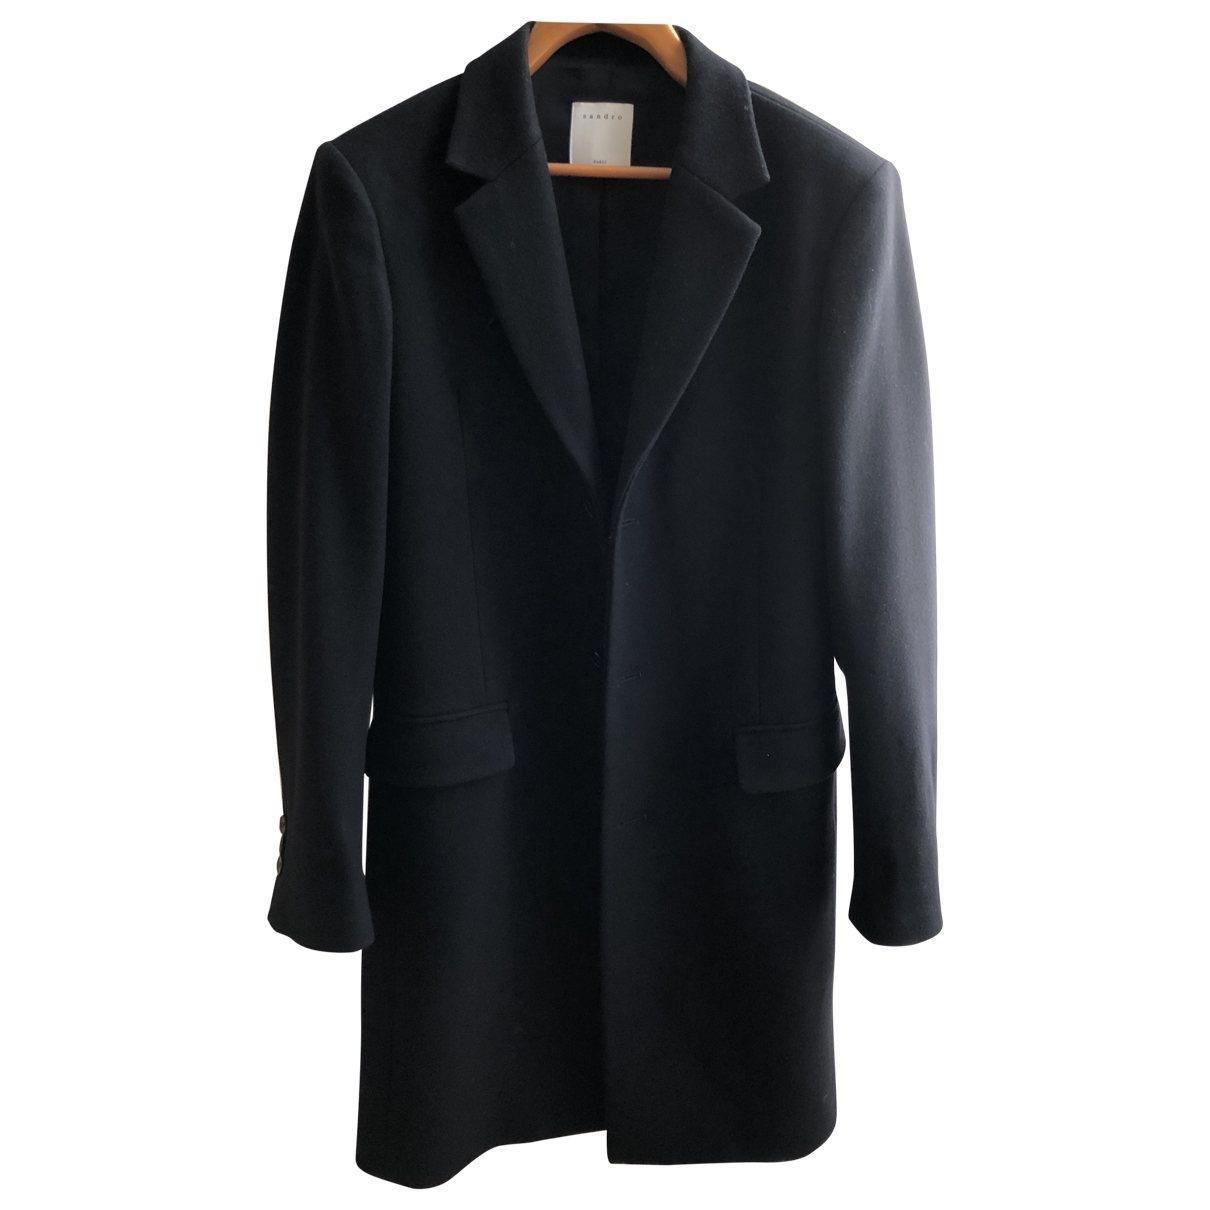 Sandro \N Black Wool coat  for Men S International